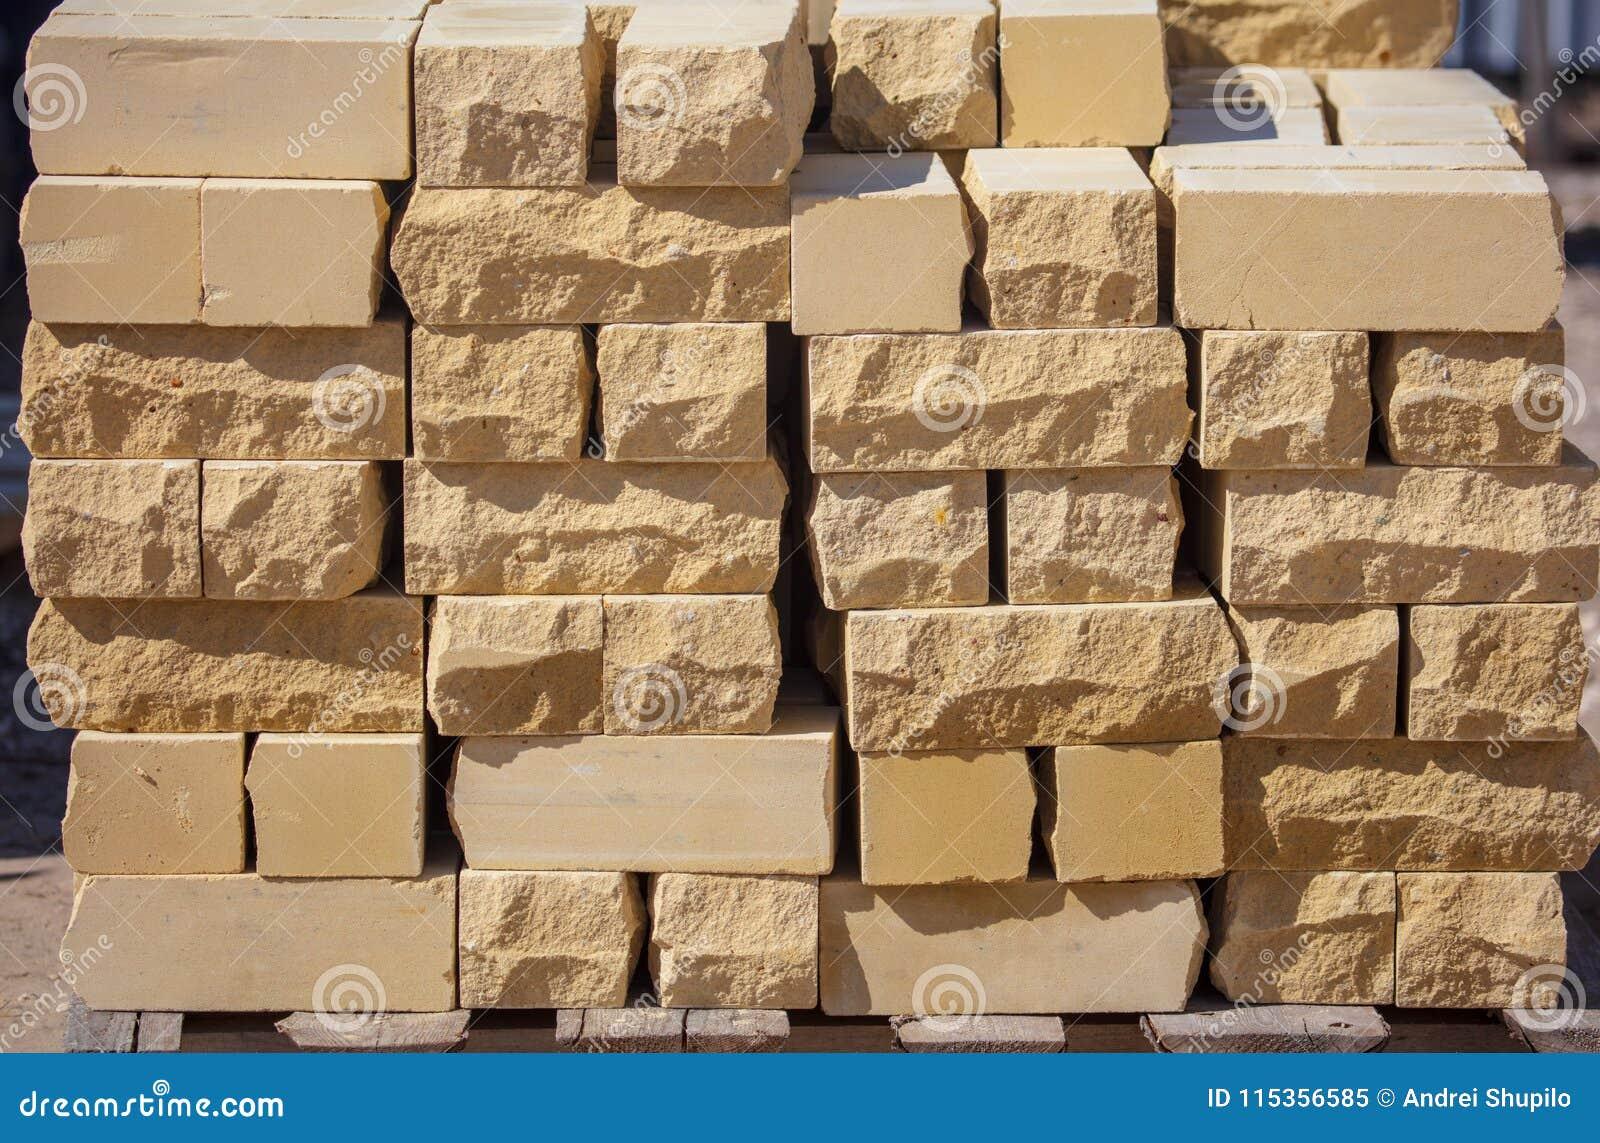 Желтые кирпичи на строительной площадке как строительный материал